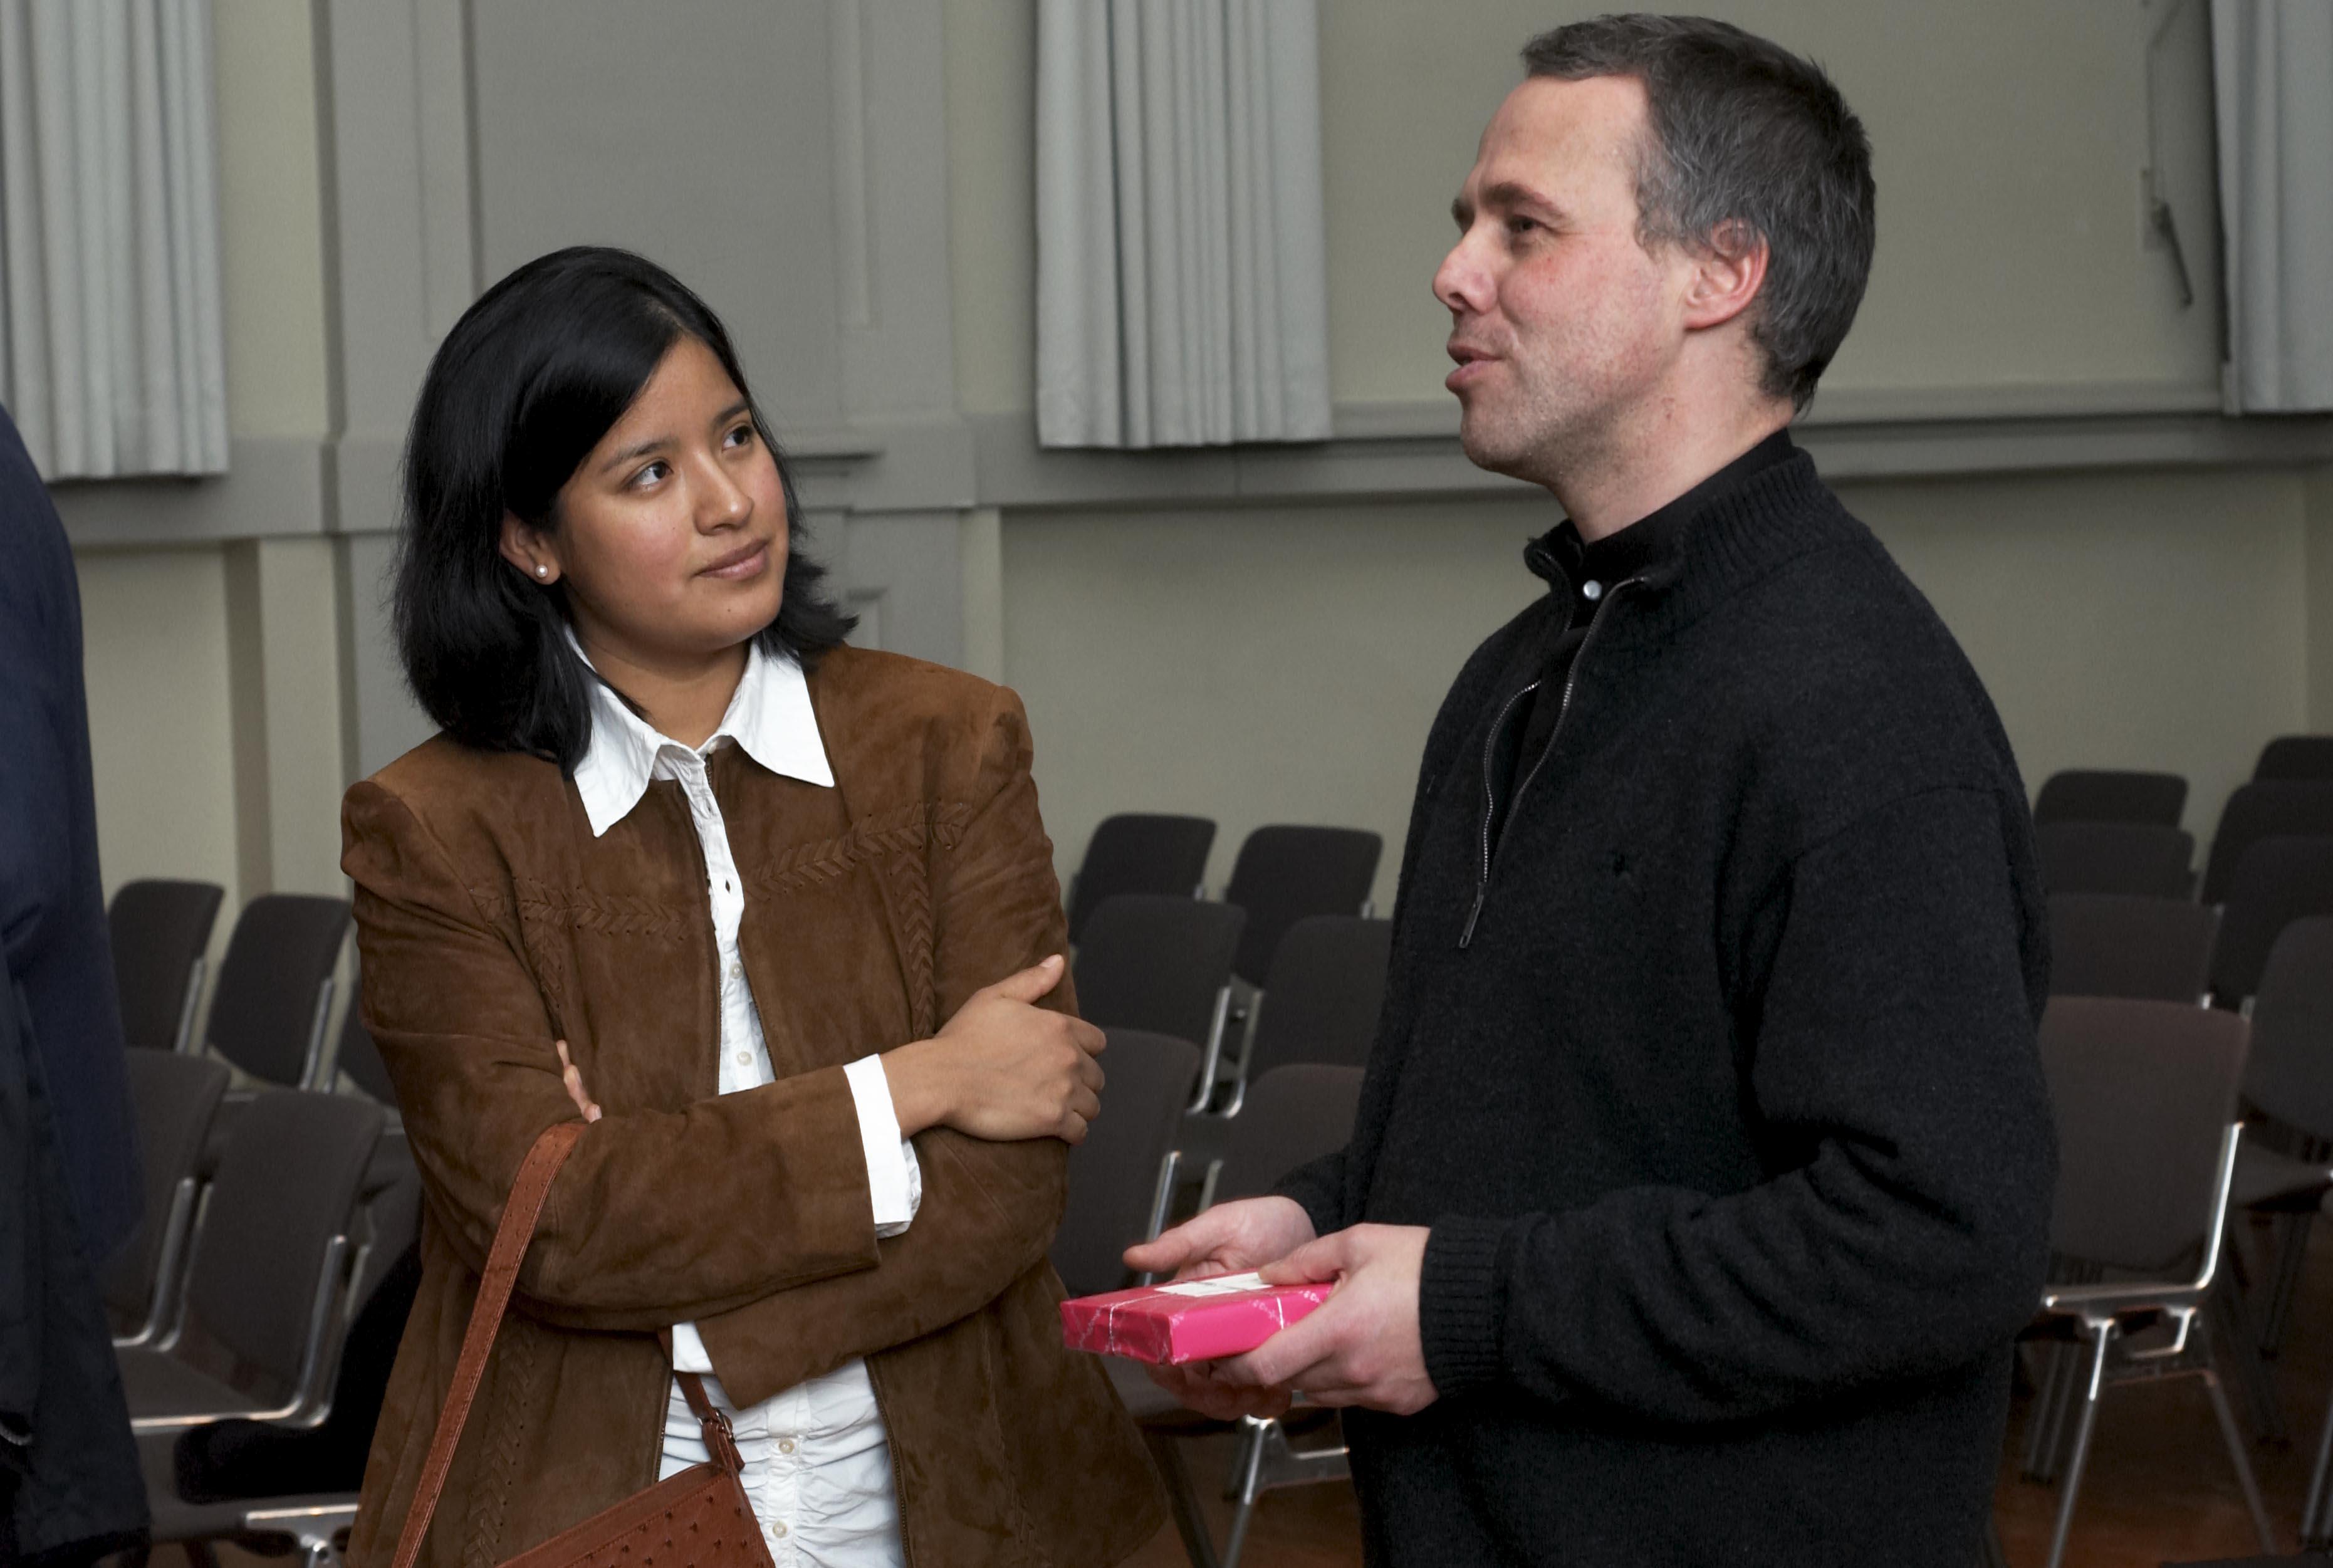 Rahn Musikpreis 2006, Ana Patricia Rahn im Gespräch mit Frank Sanderell